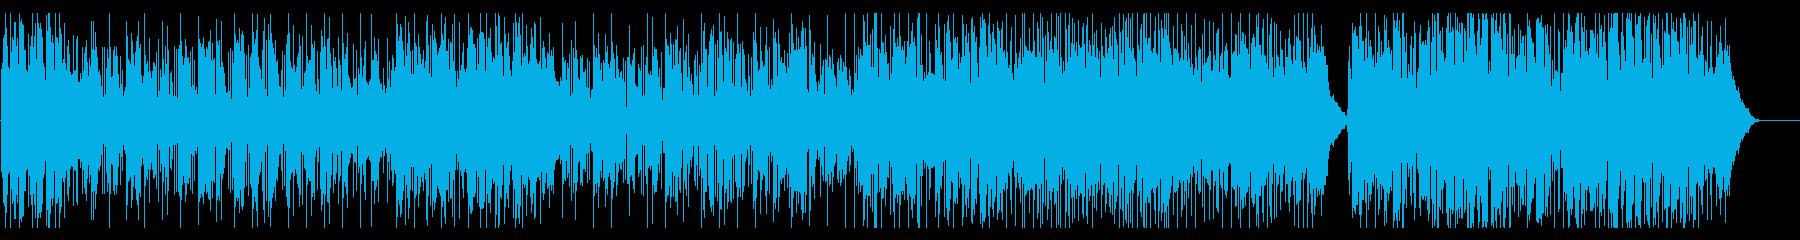 アコースティック感のあるメロウポップの再生済みの波形